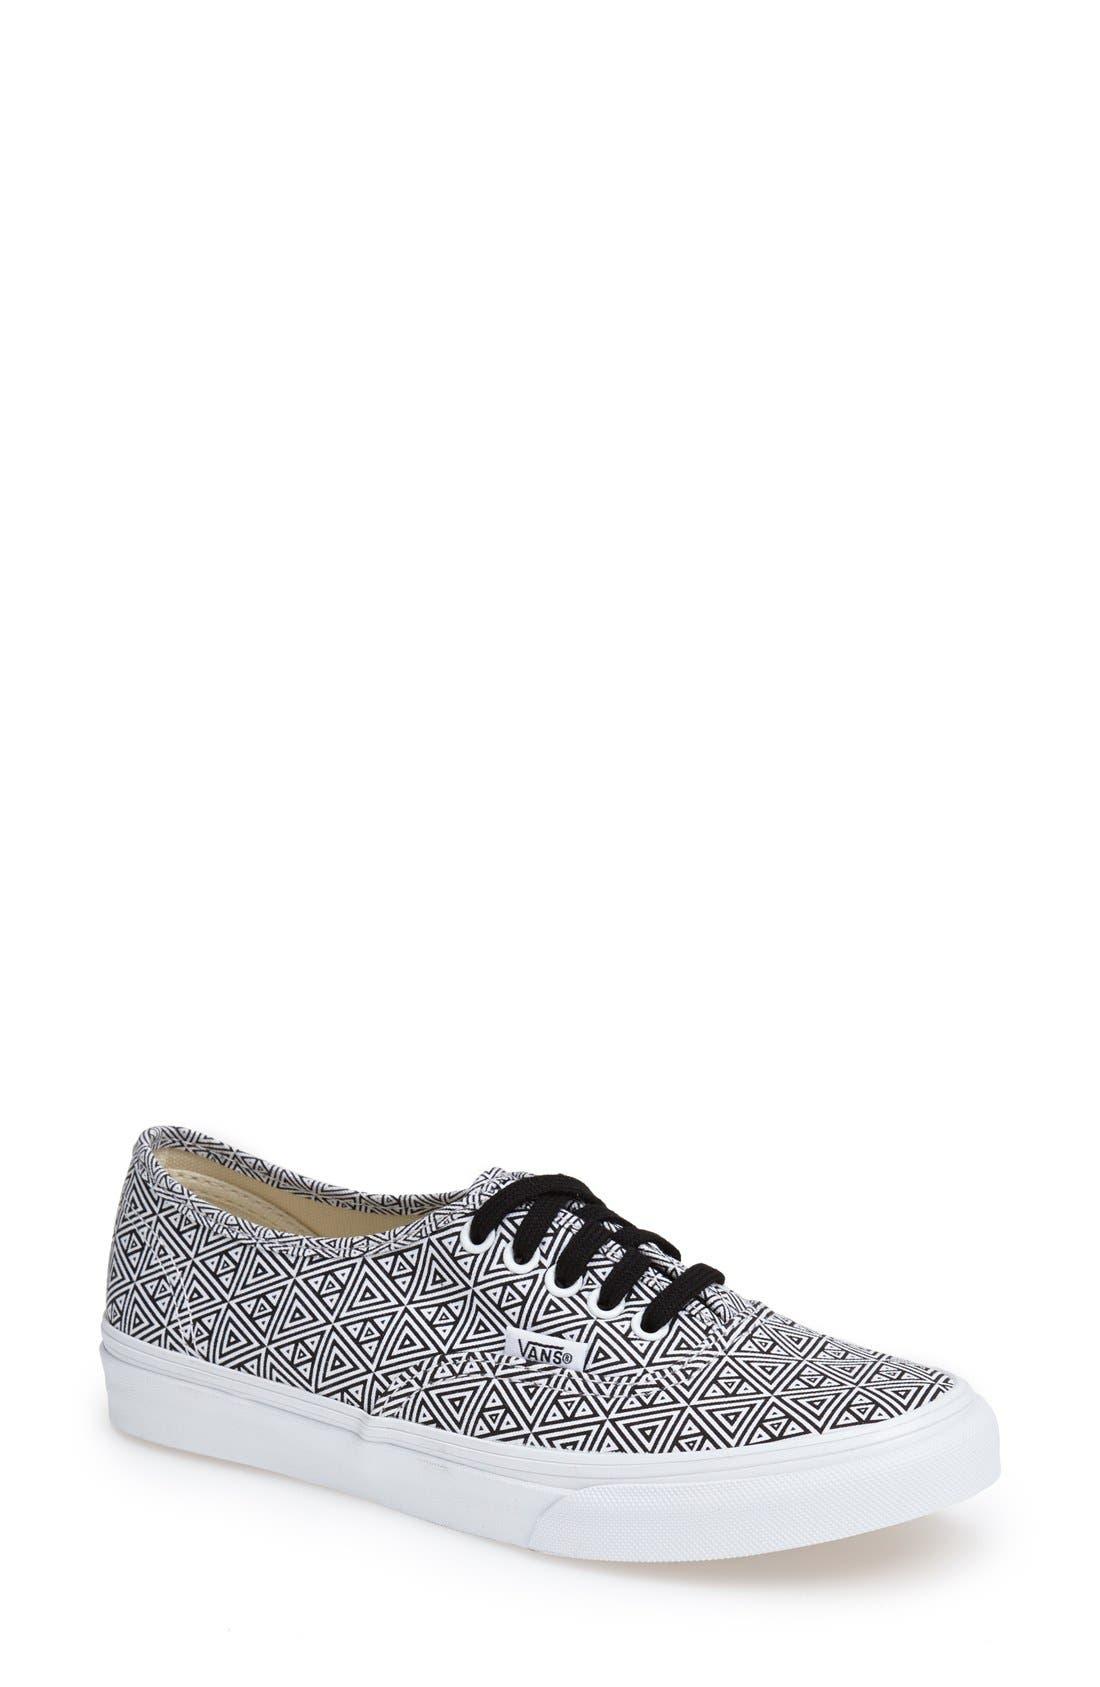 Alternate Image 1 Selected - Vans 'Authentic Slim' Geo Print Sneaker (Women)